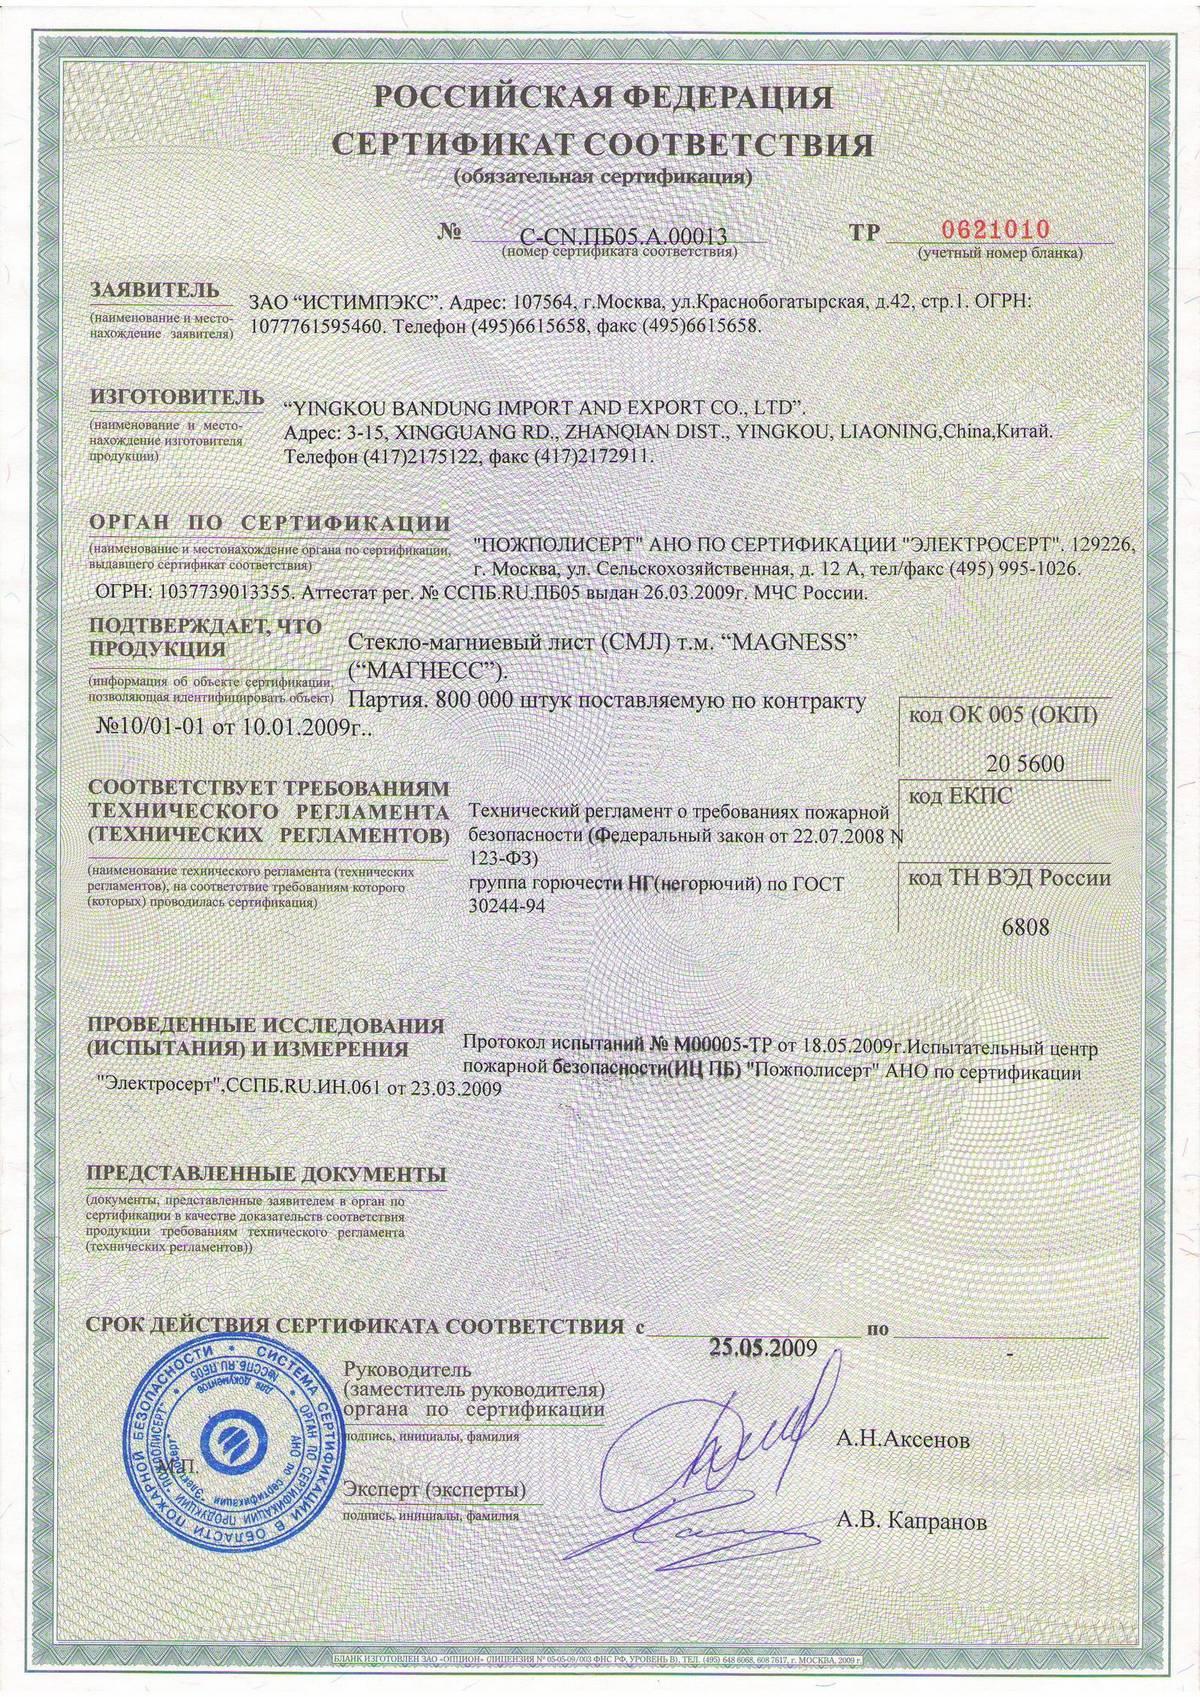 Сертификат соответствия ПОЖАРНОЙ БЕЗОПАСНОСТИ смл